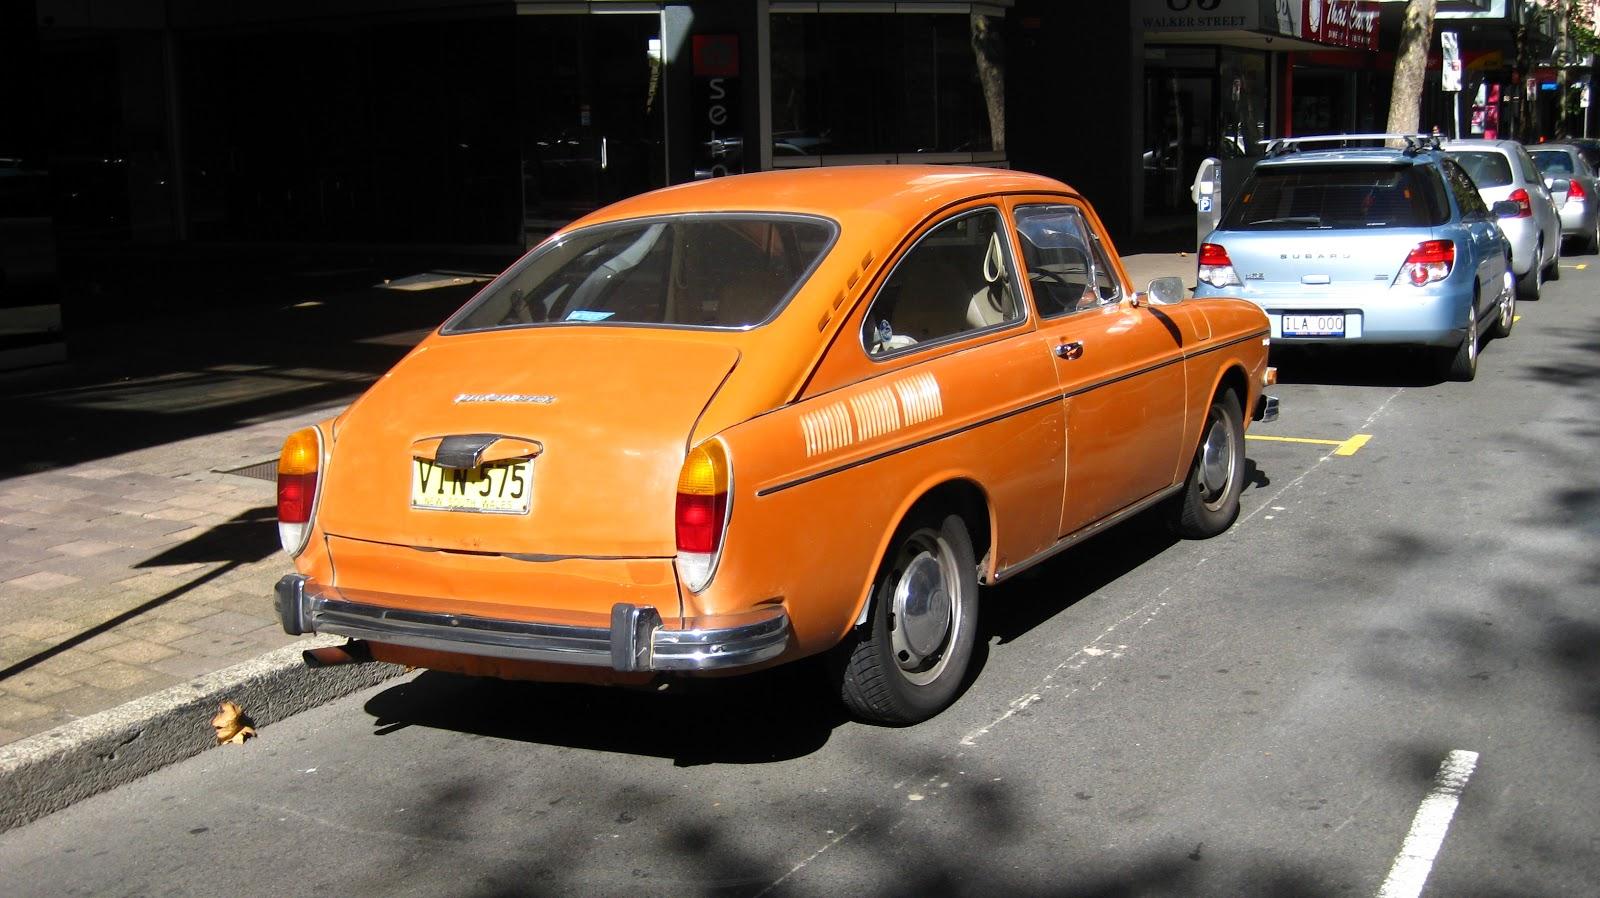 Aussie Old Parked Cars 1973 Volkswagen 1600 Type 3 Fastback